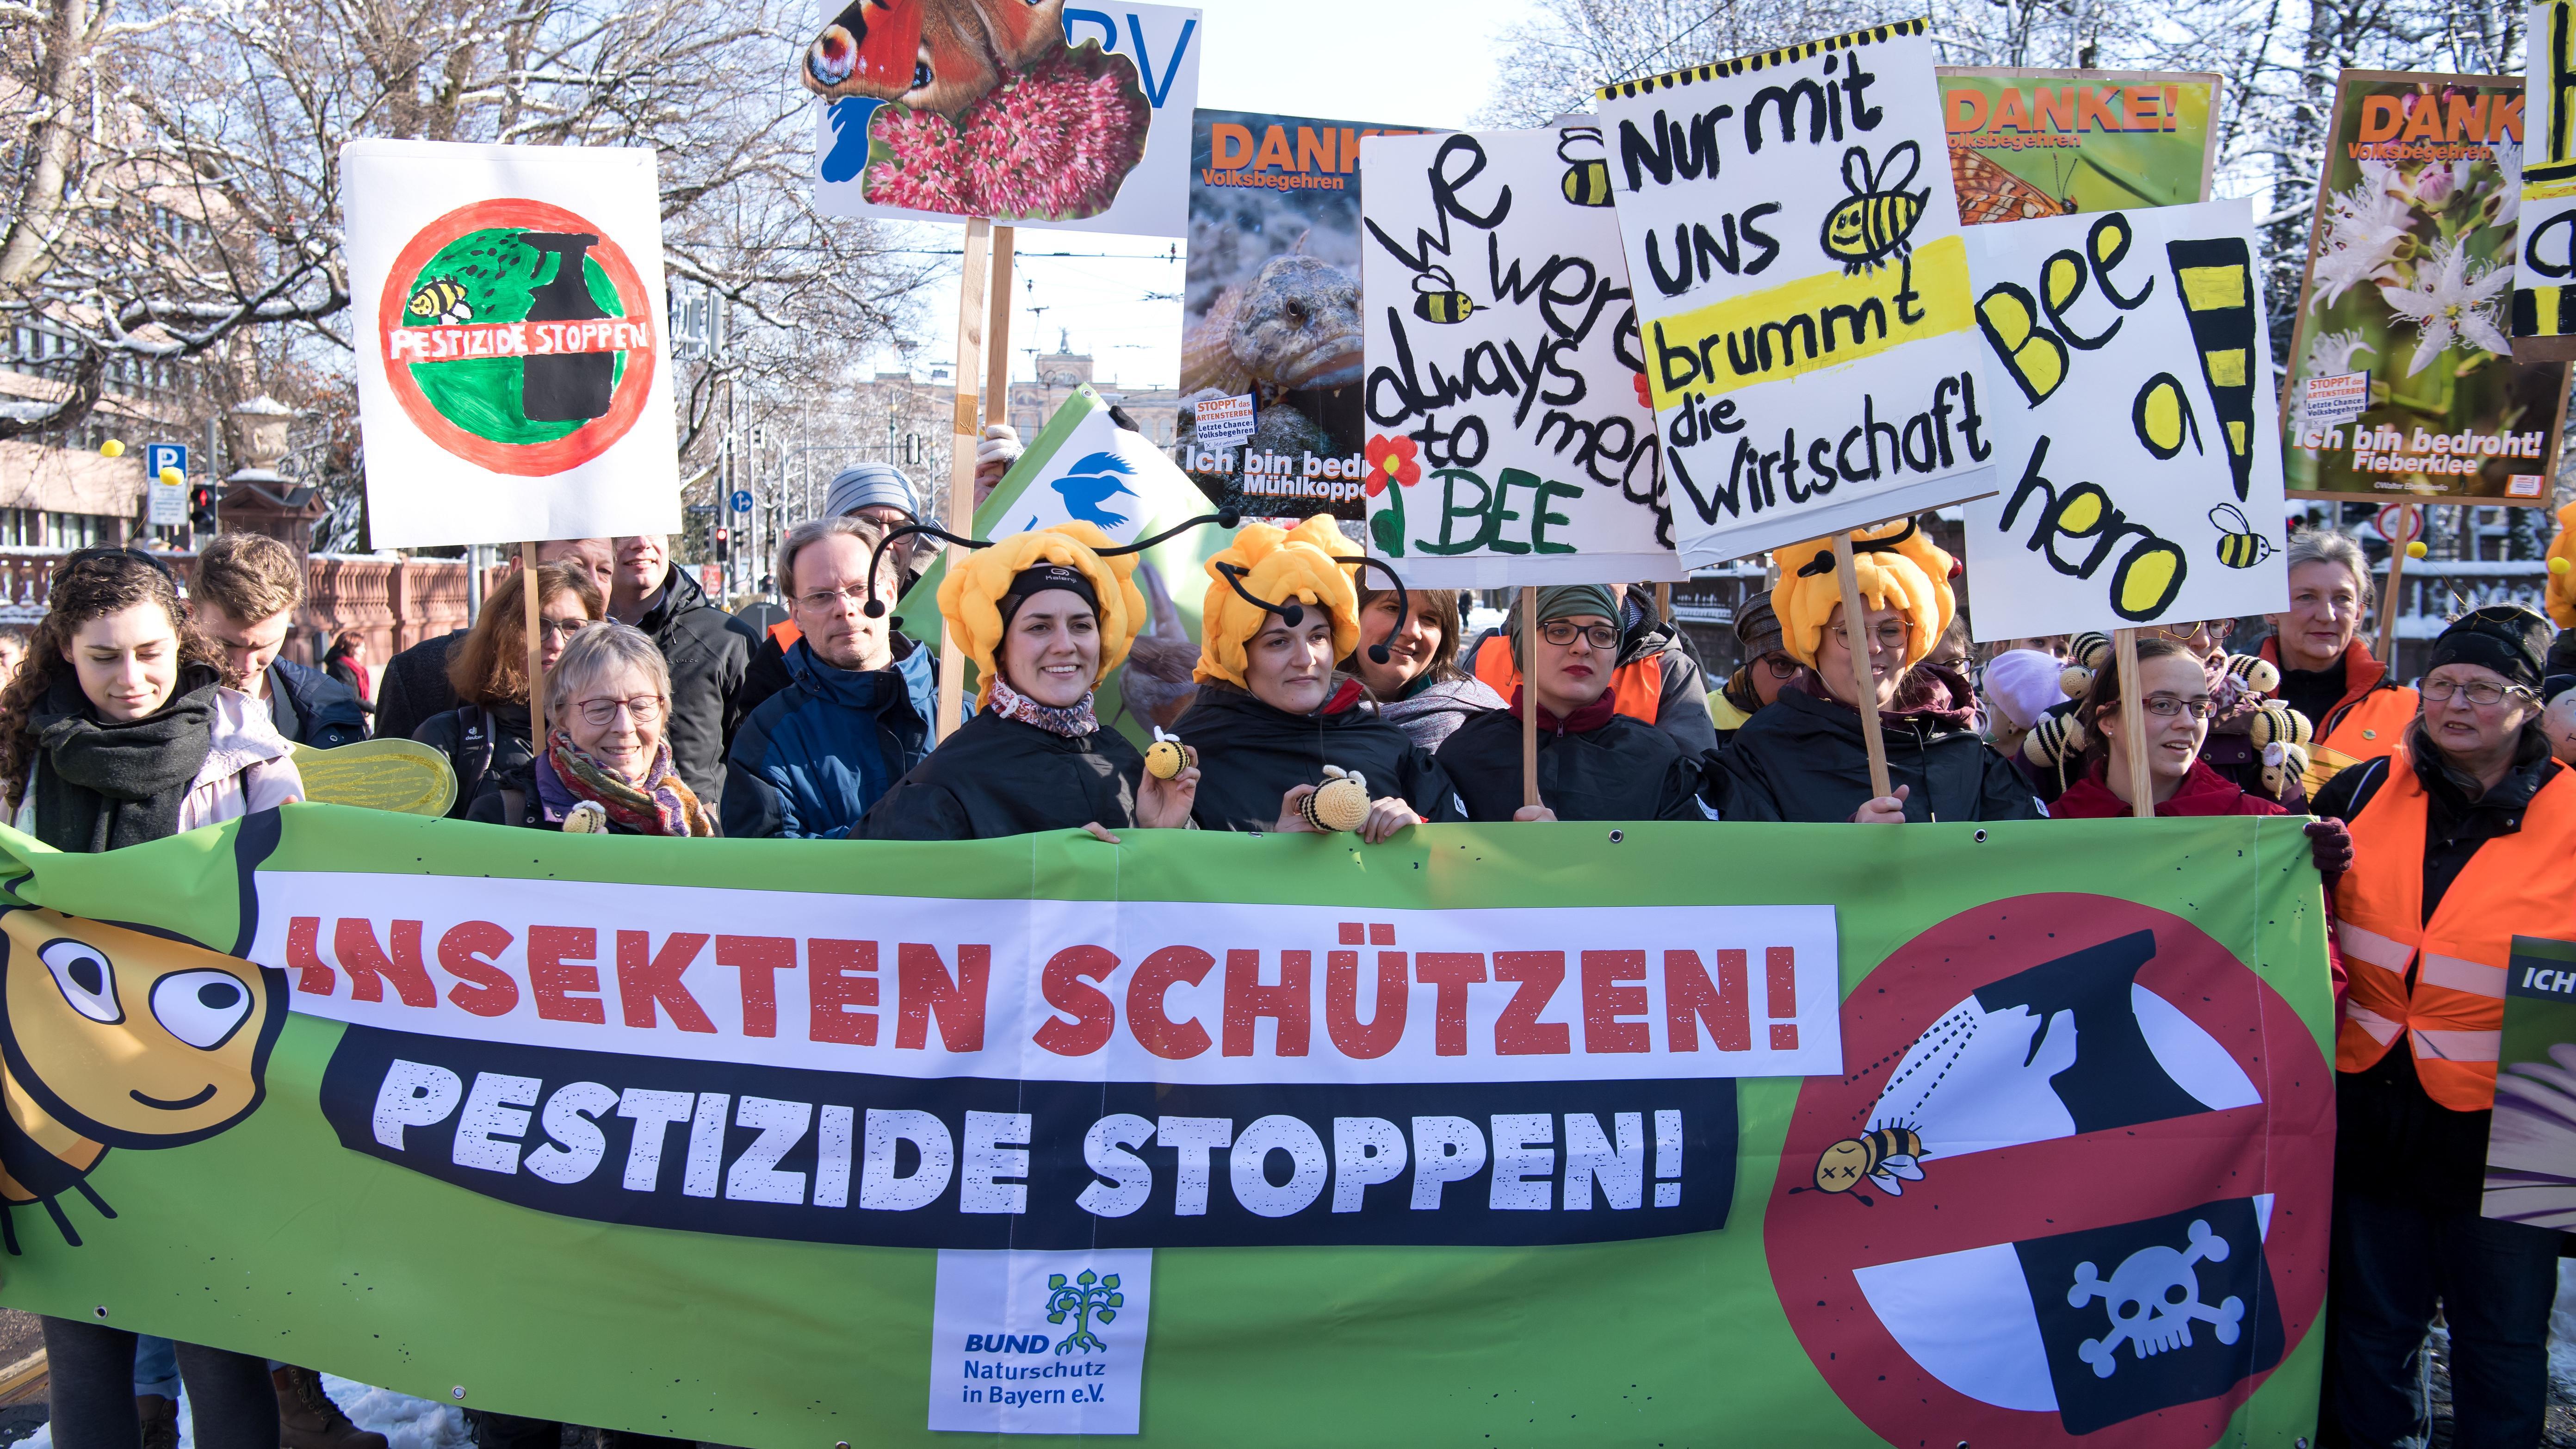 Symbolbild: Unterstützer des Volksbegehrens demonstrieren für einen besseren Artenschutz und Artenvielfalt. Bis Mittwoch kann man unterschrieben.